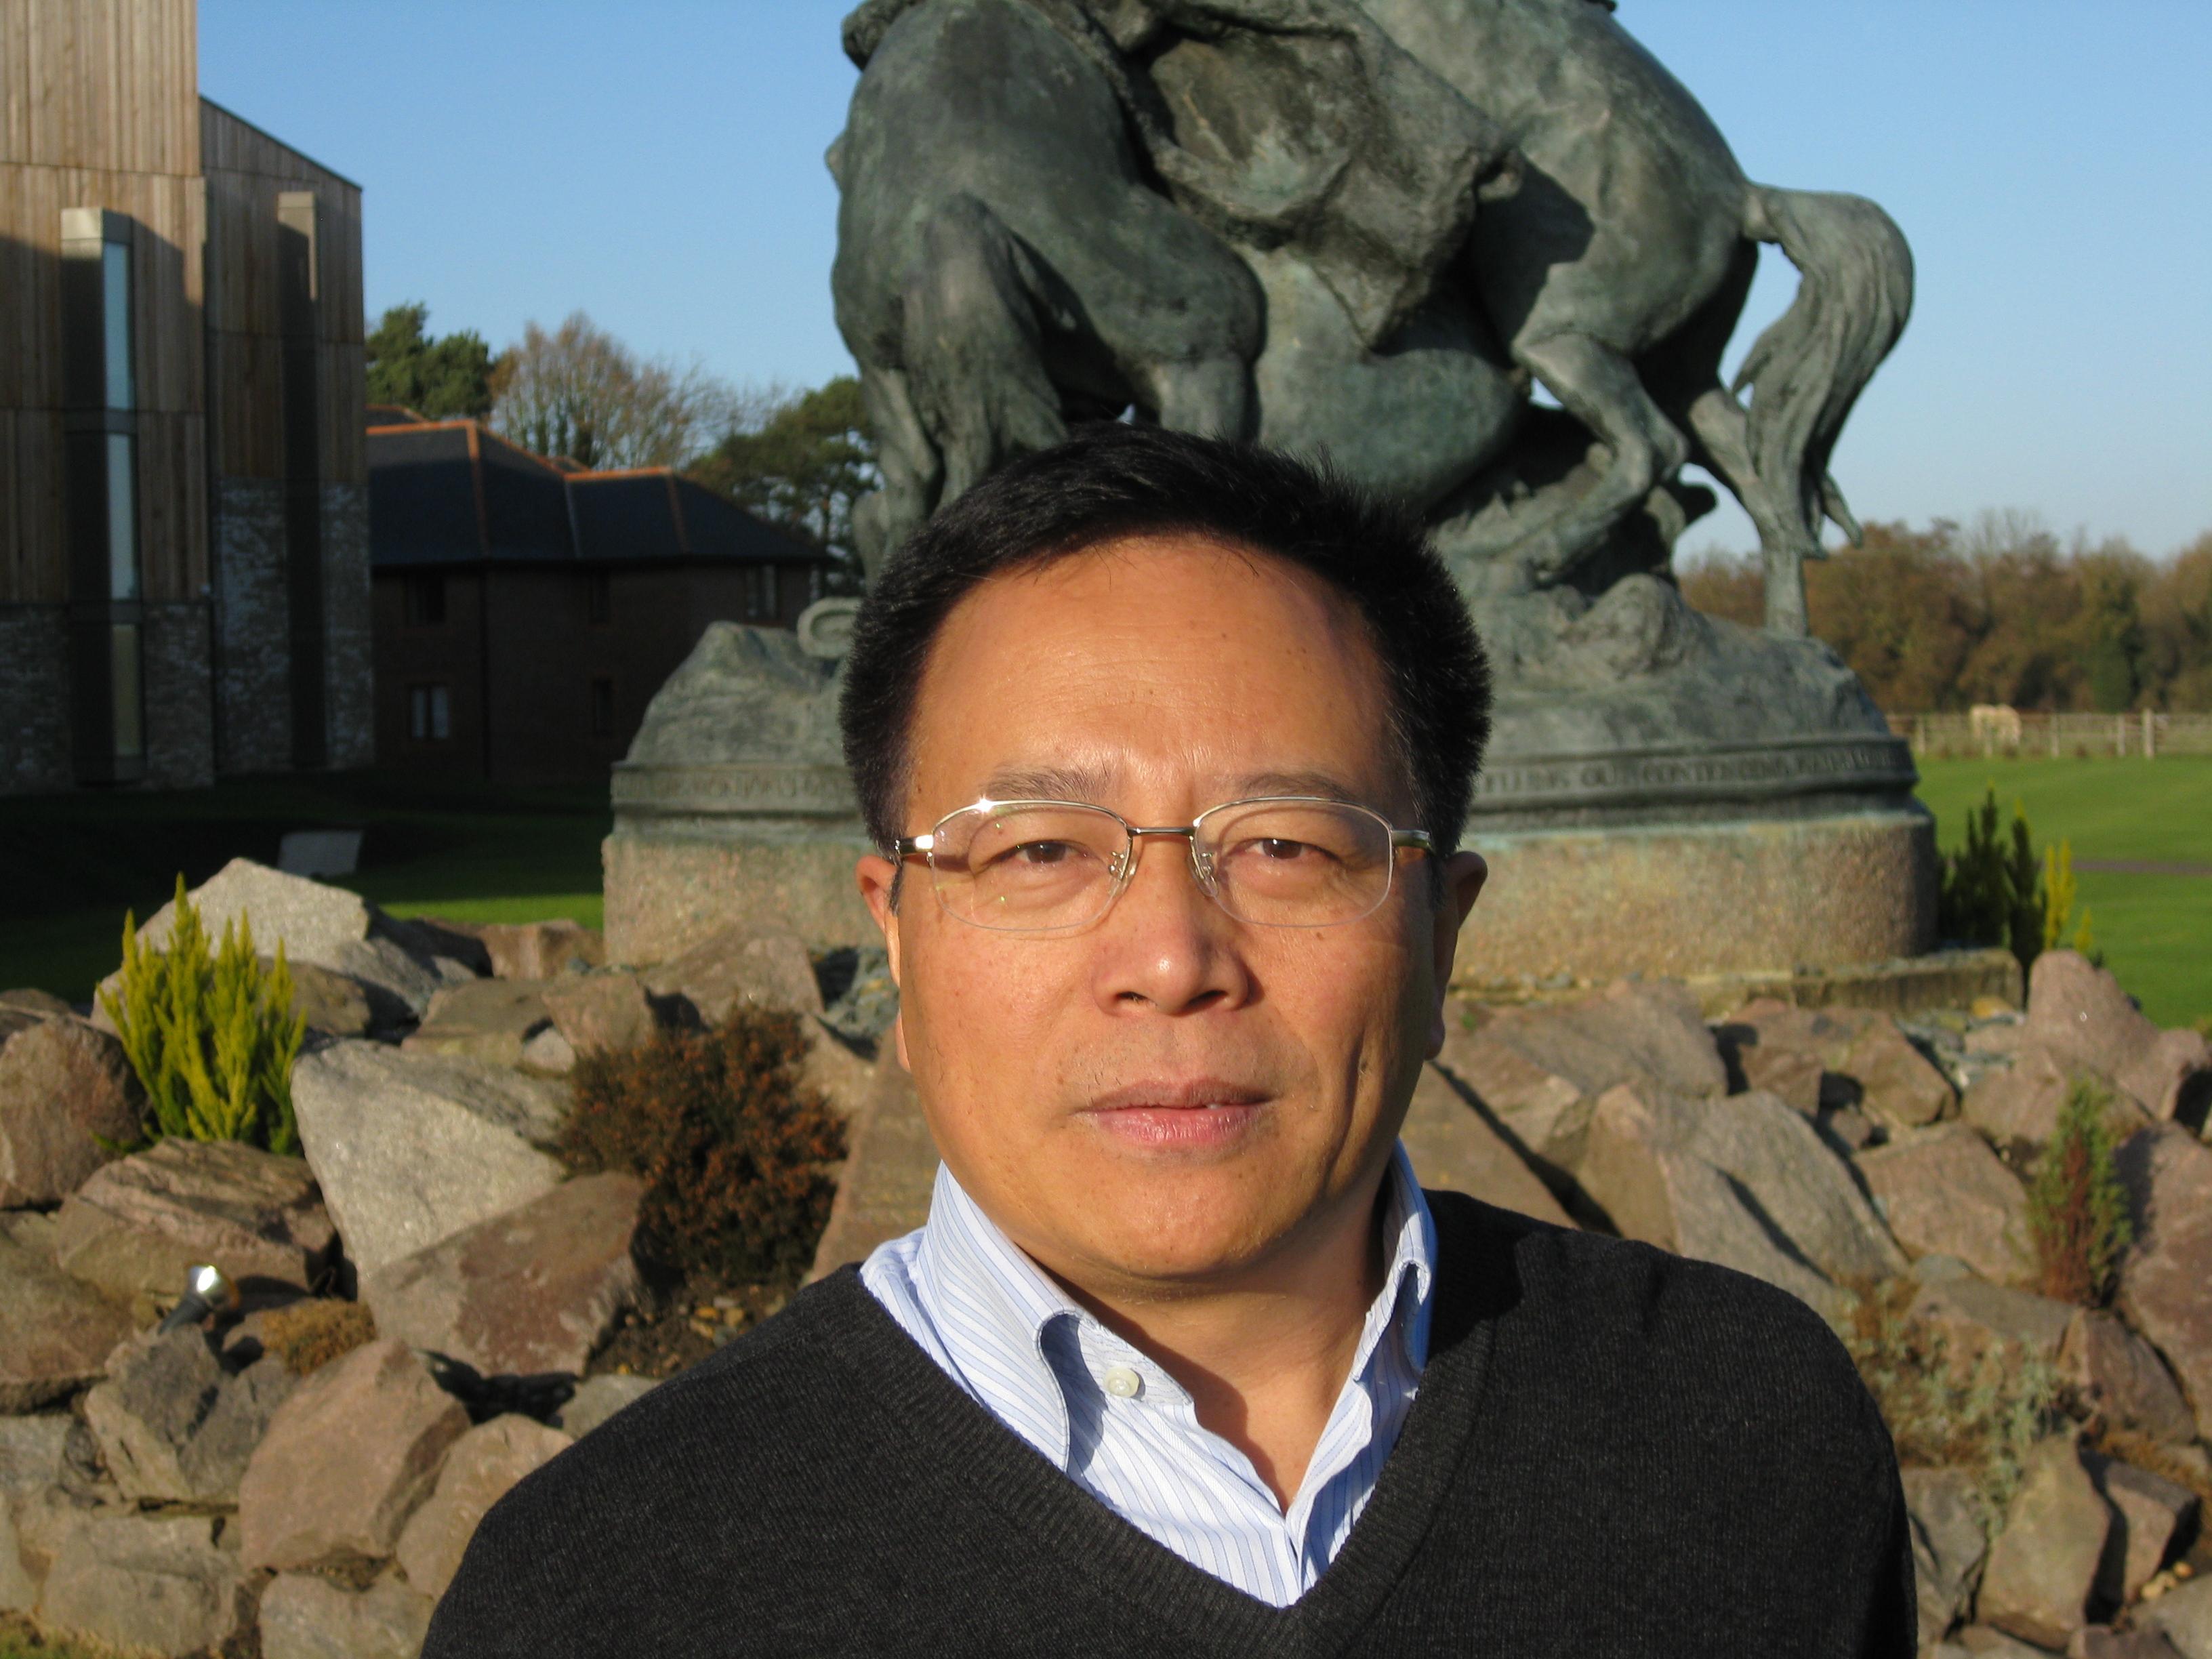 Zhangrui Cheng